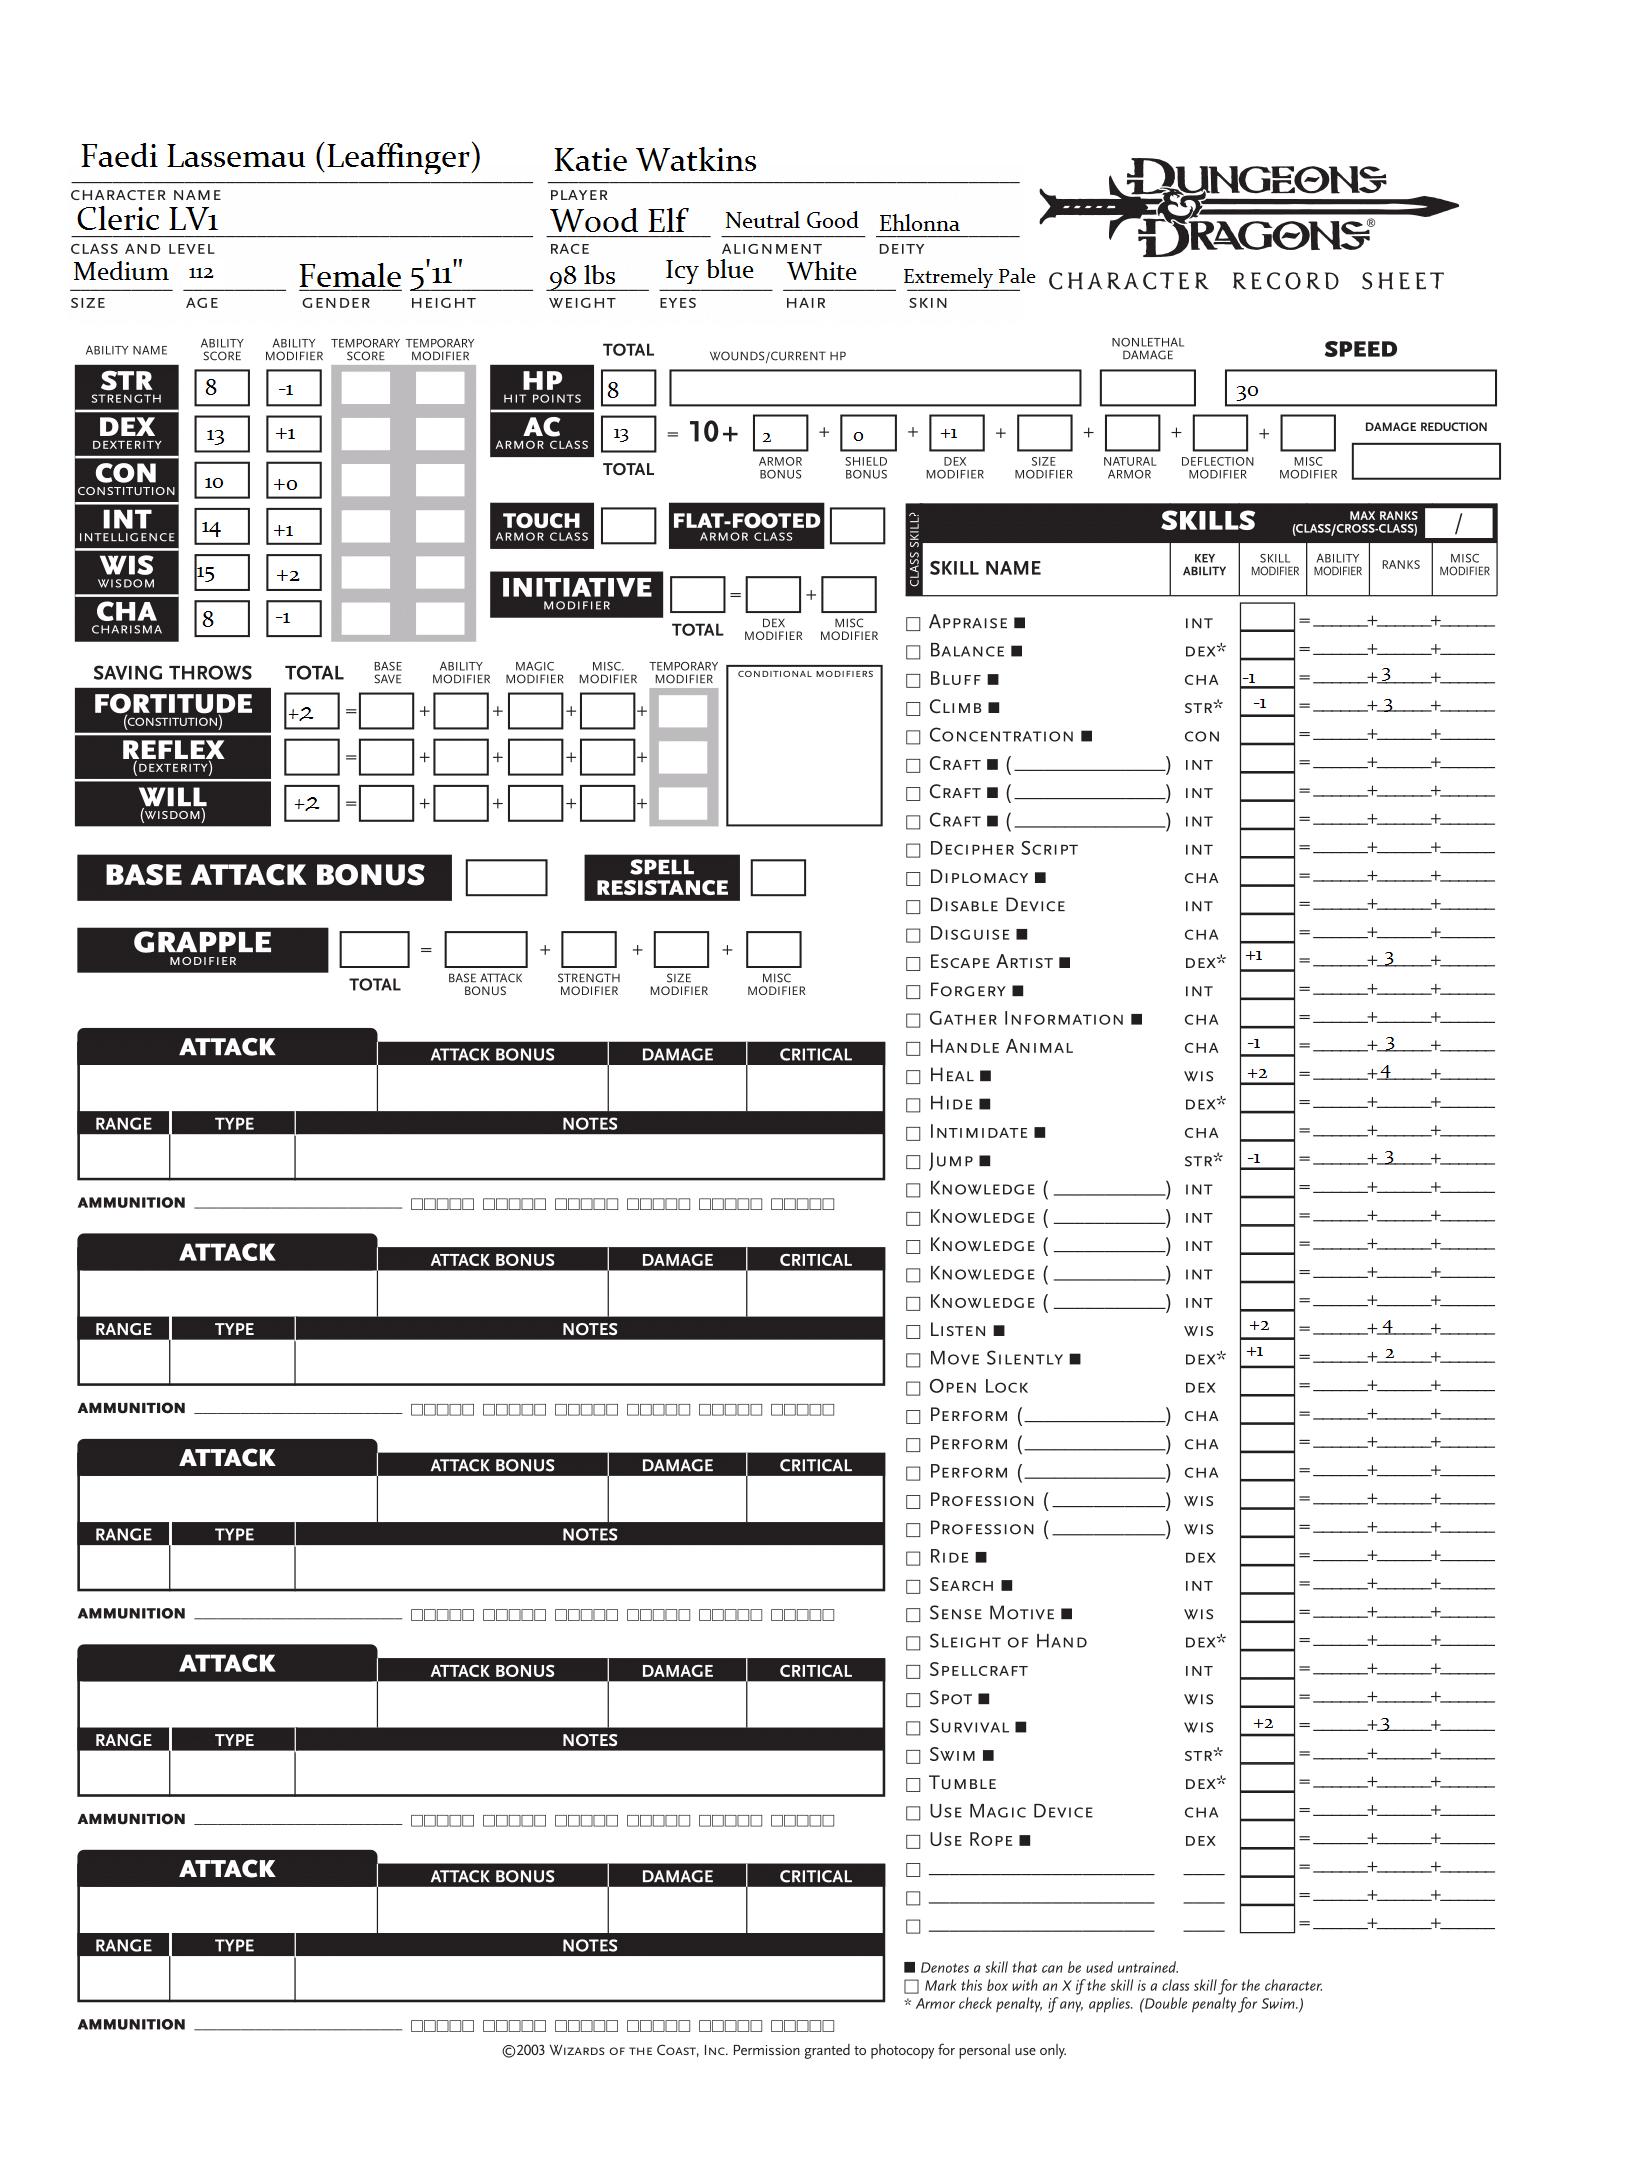 Character_Sheet_v3.5-1.png